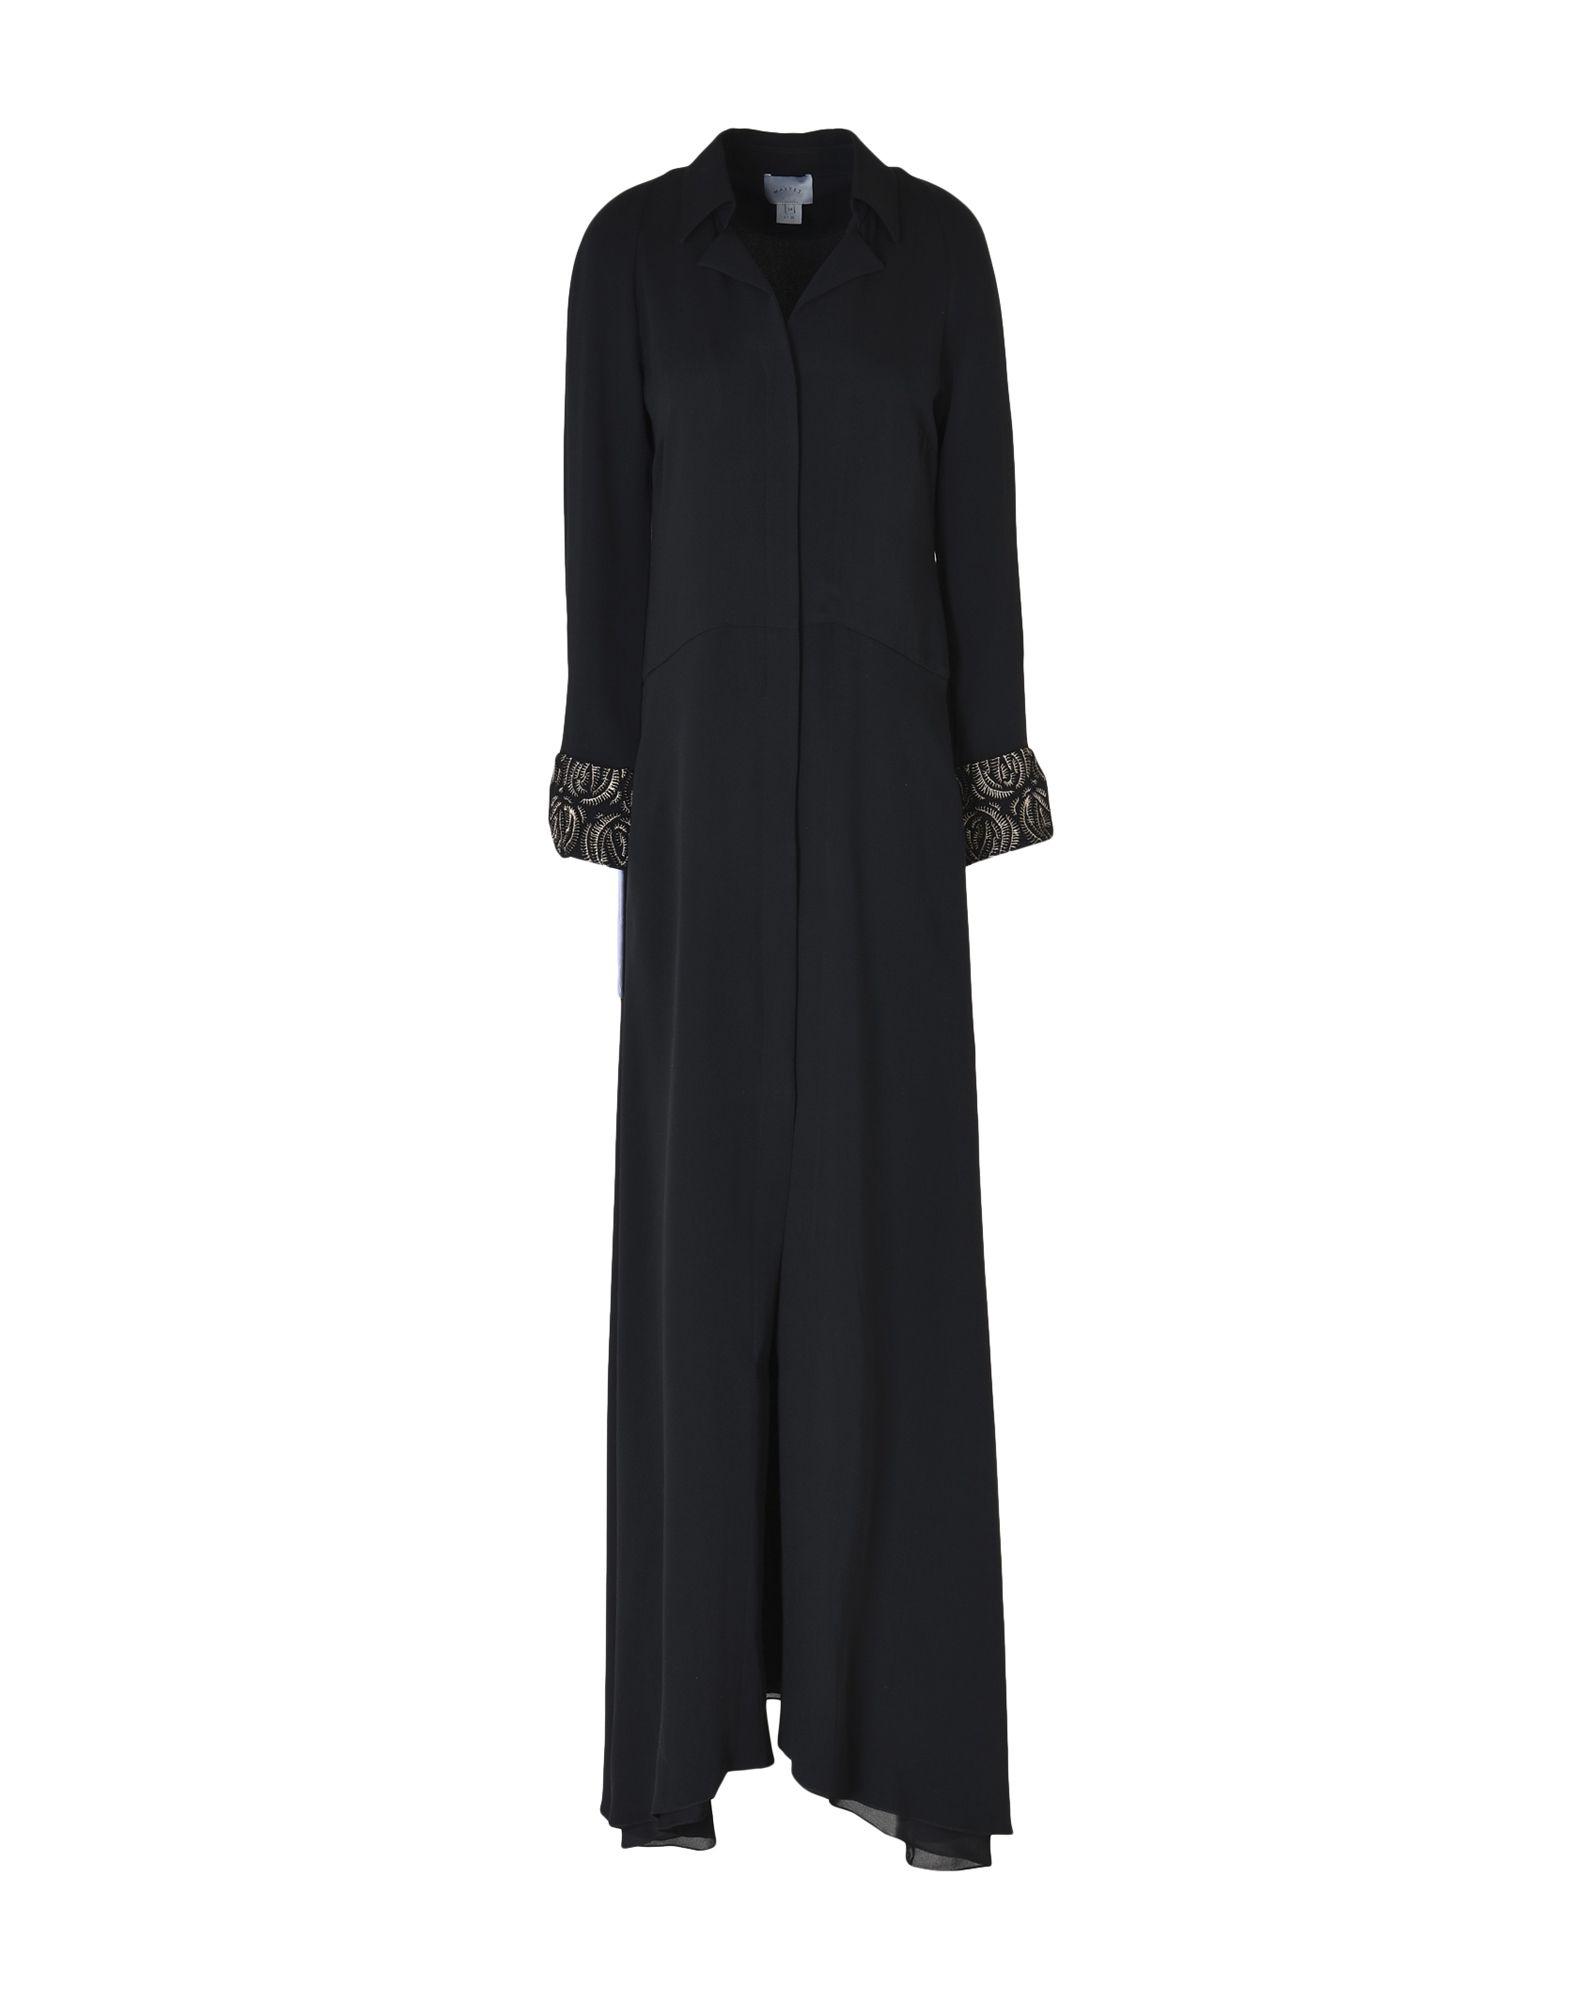 《送料無料》MAIYET レディース ロングワンピース&ドレス ブラック 34 シルク 100%